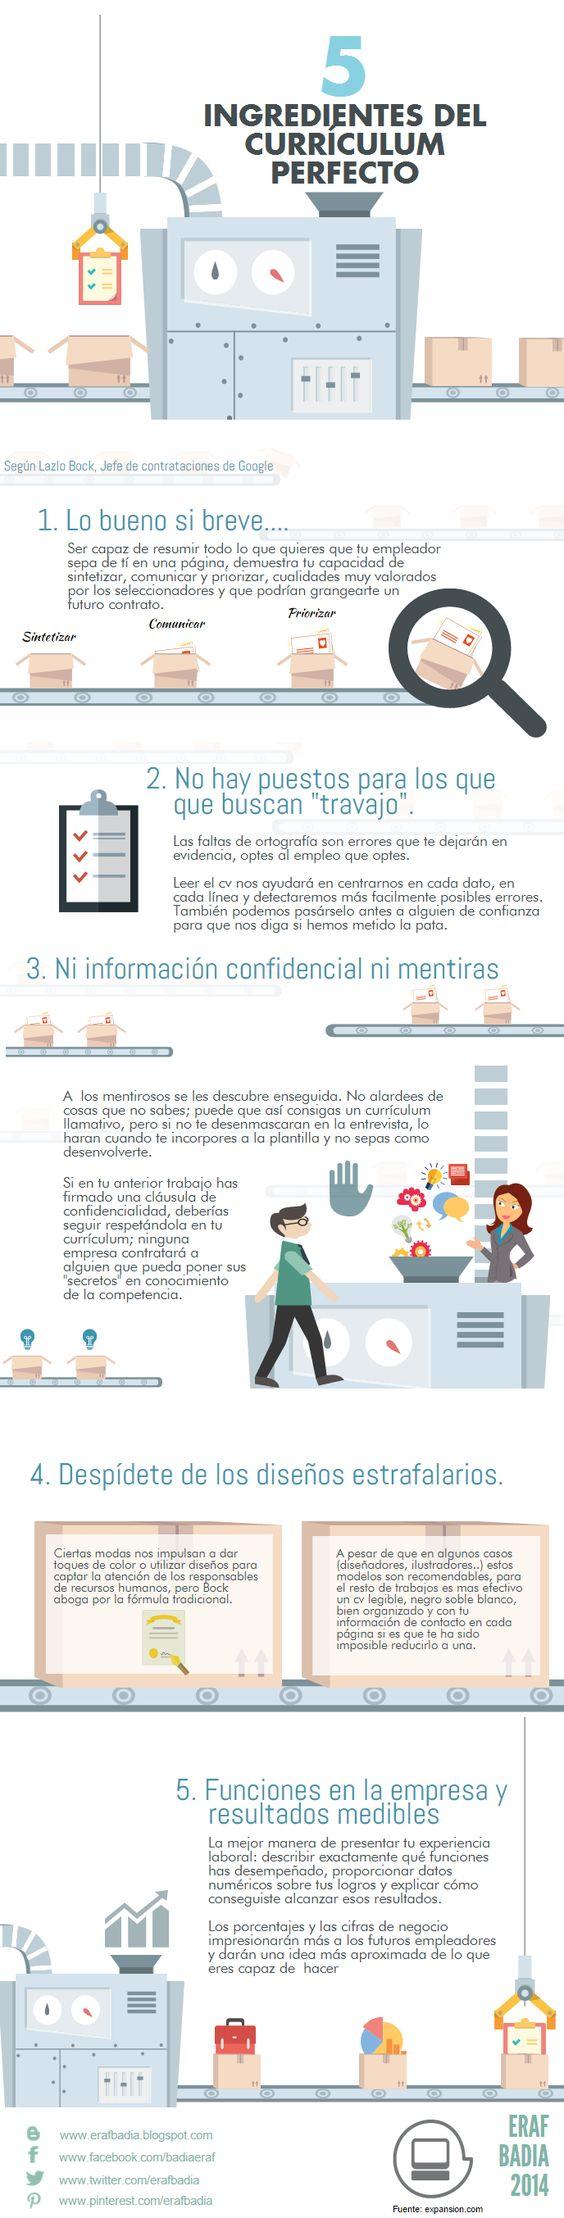 Los 5 ingredientes del Curriculum perfecto #infografia #infographic #empleo